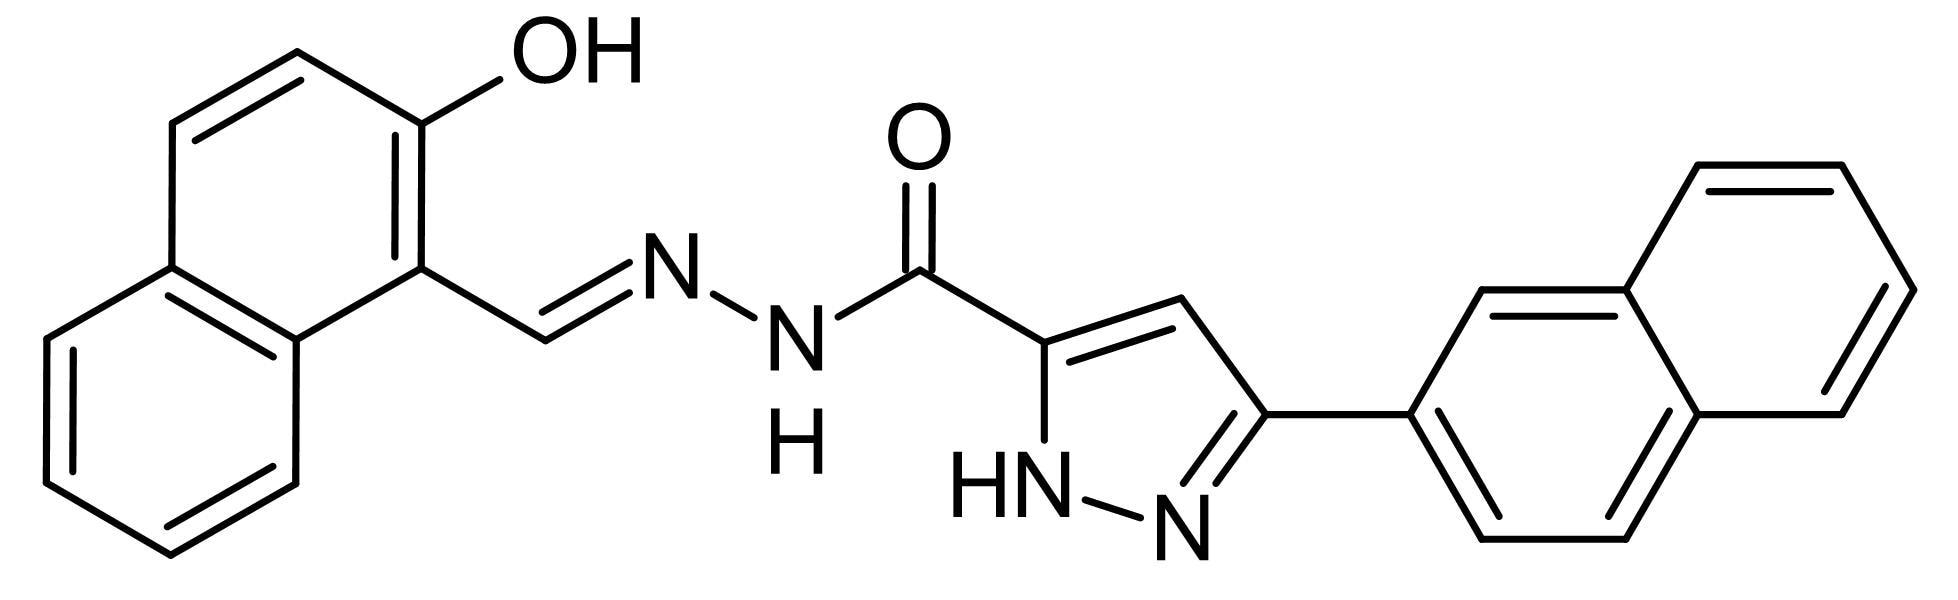 Chemical Structure - SKI-I, Sphingosine Kinase Inhibitor (ab142209)